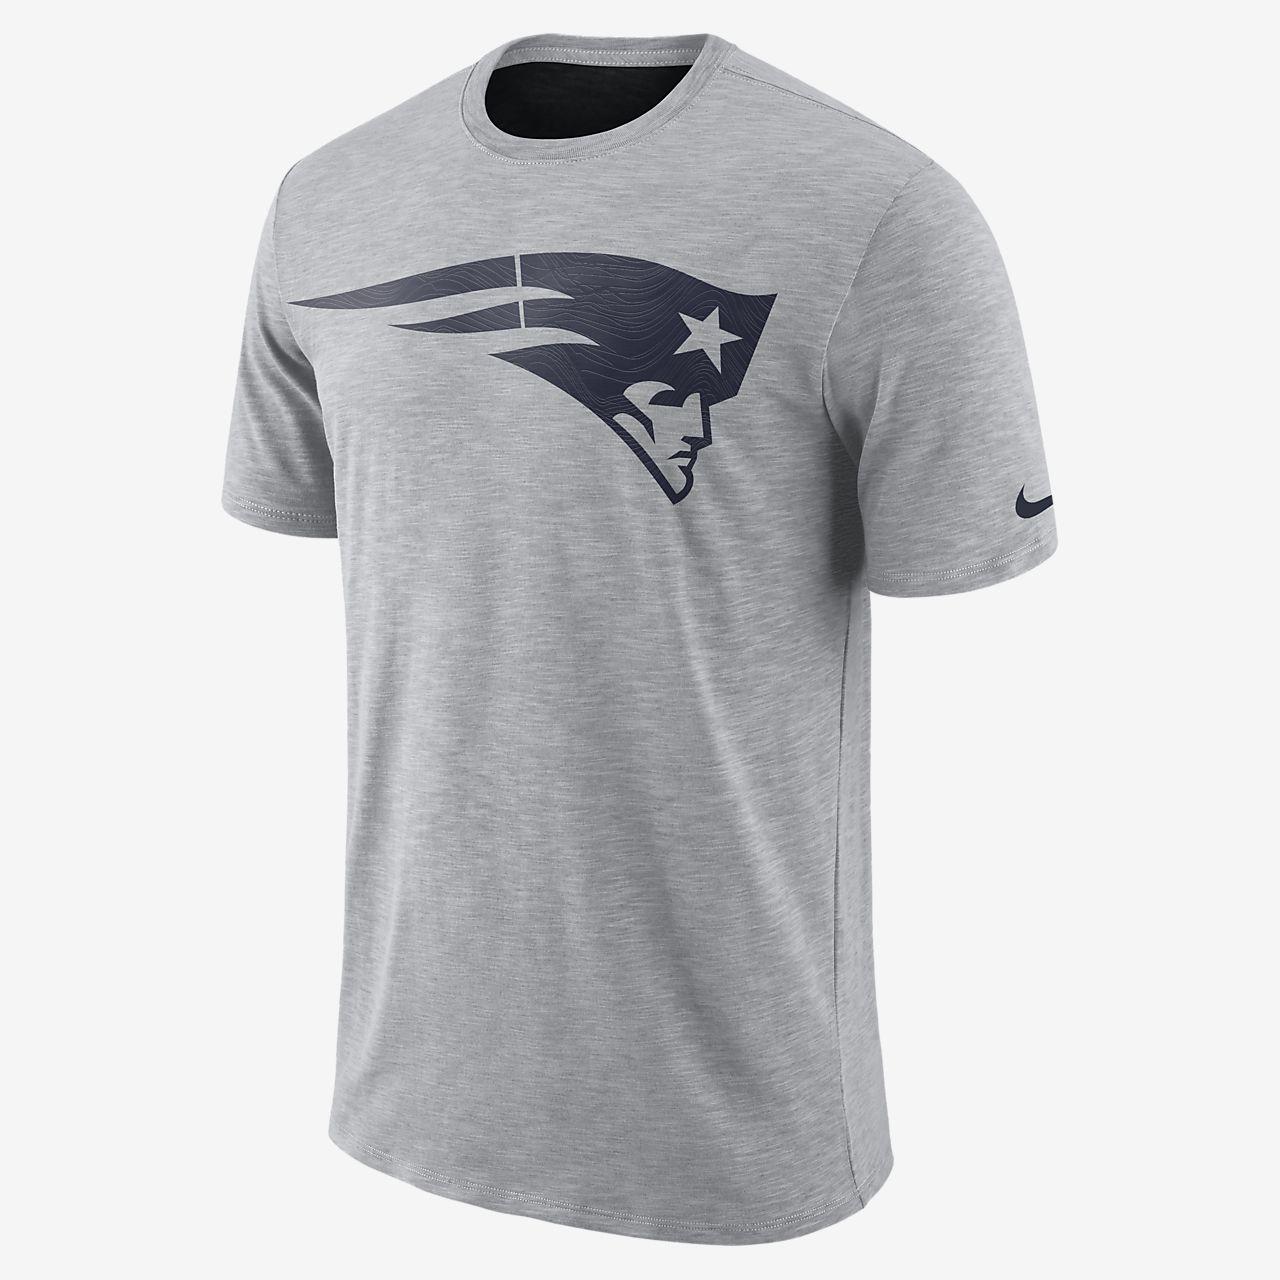 Monasterio desmayarse dispersión  camiseta patriots nike - Tienda Online de Zapatos, Ropa y Complementos de  marca